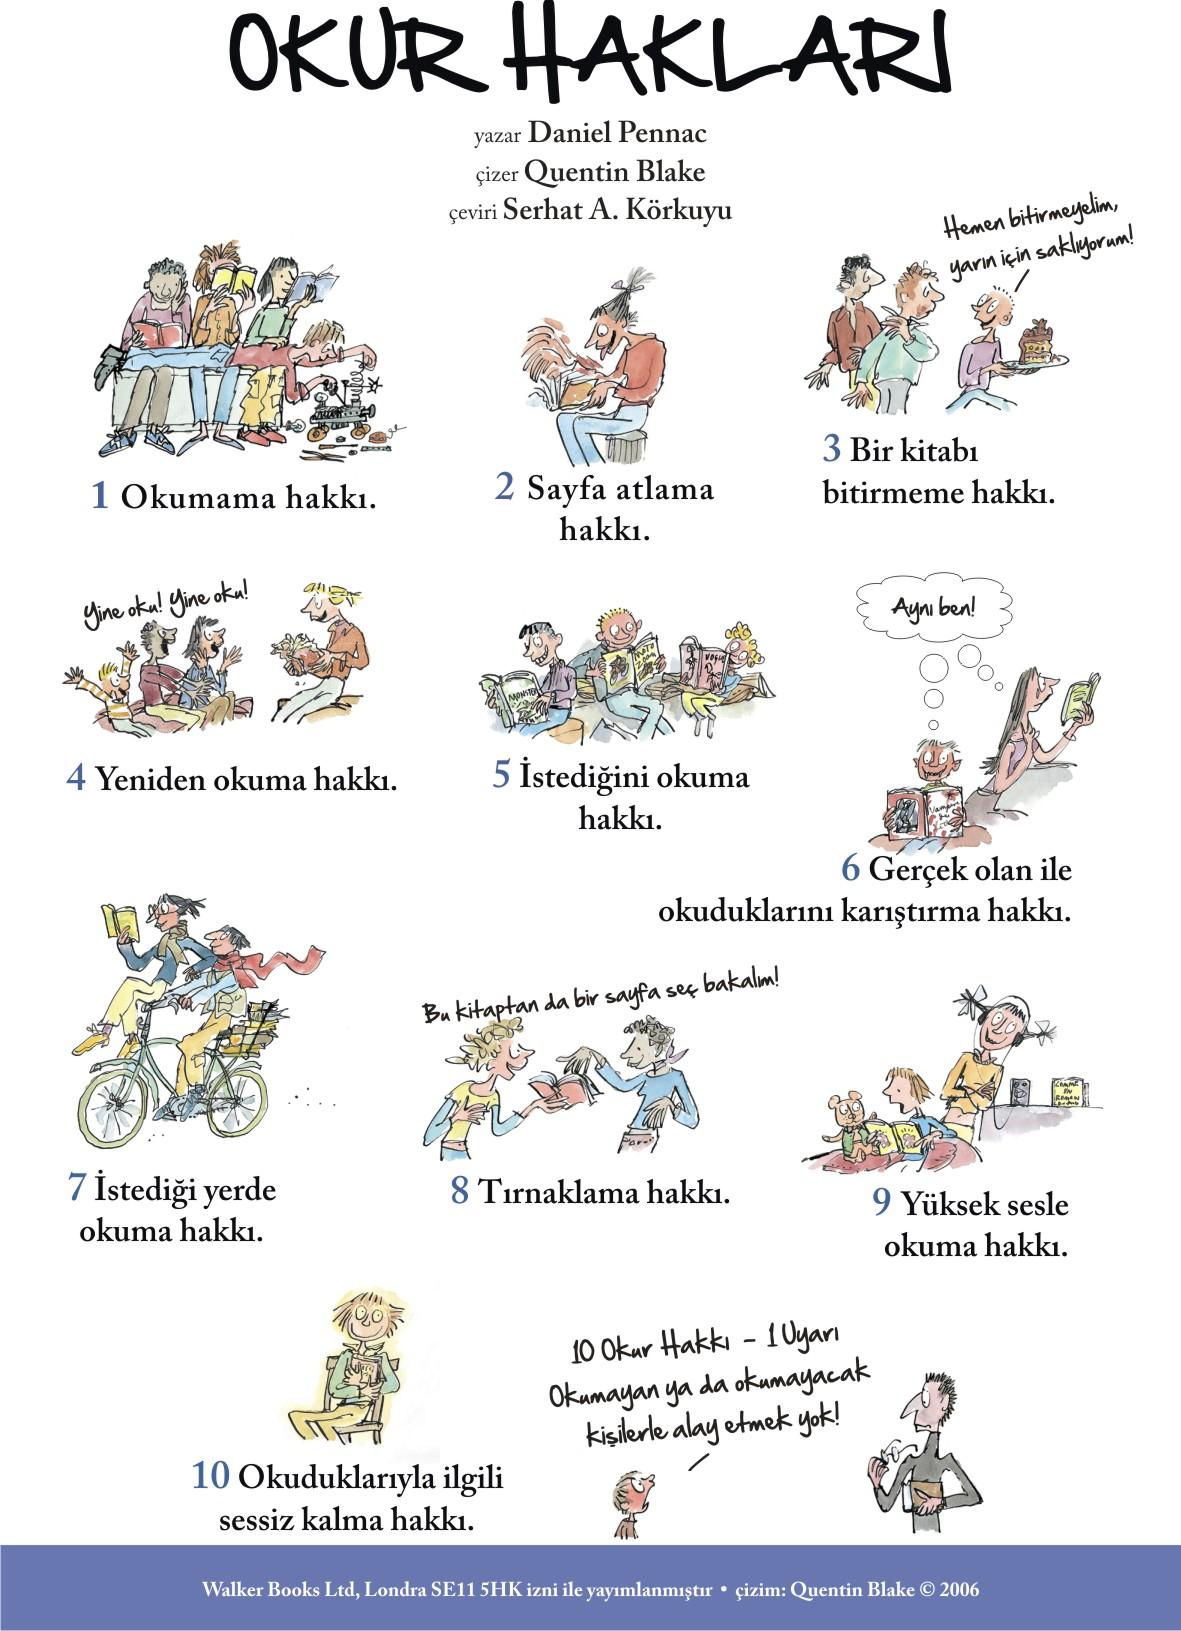 okur hakları